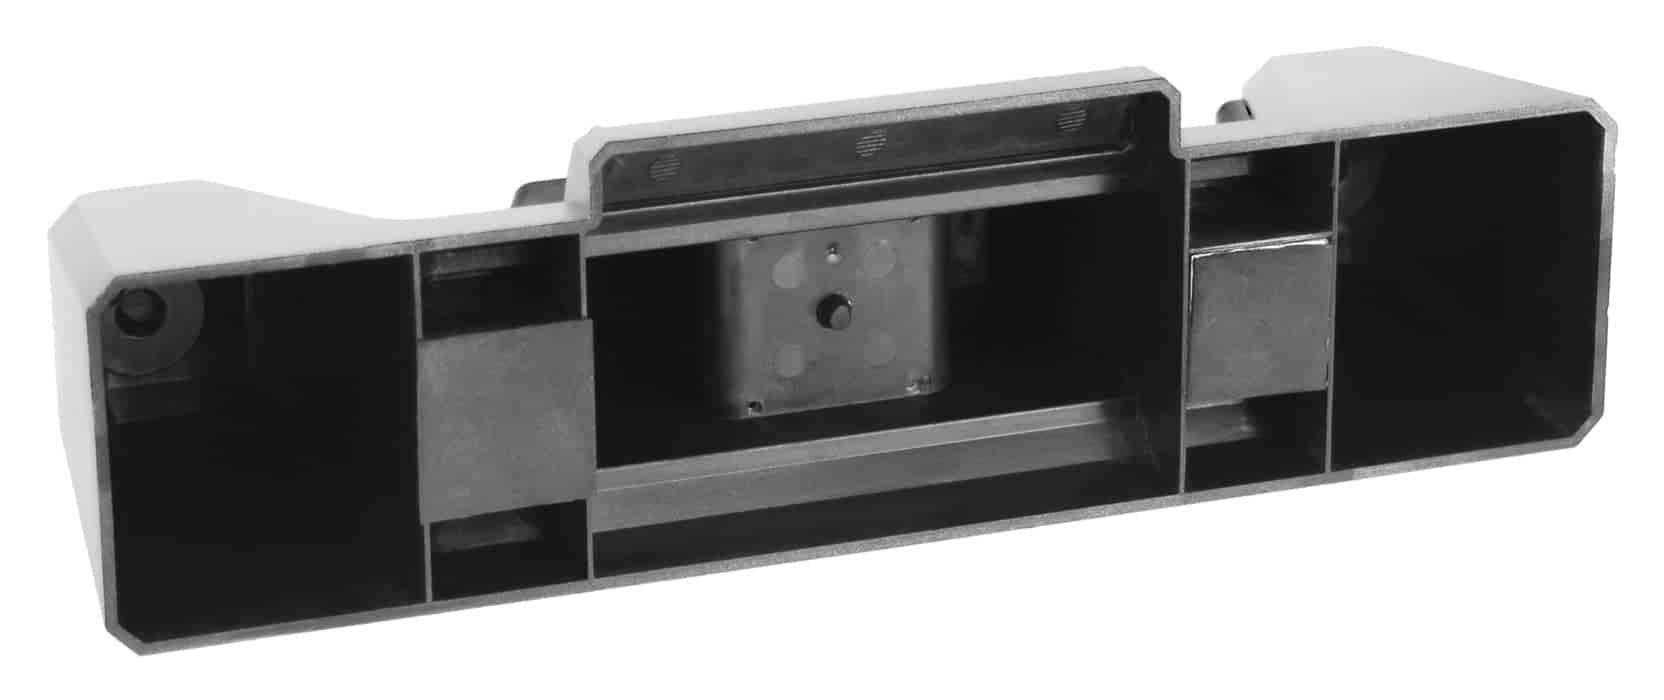 Magnetic Barrel Rest - 222177 support 1